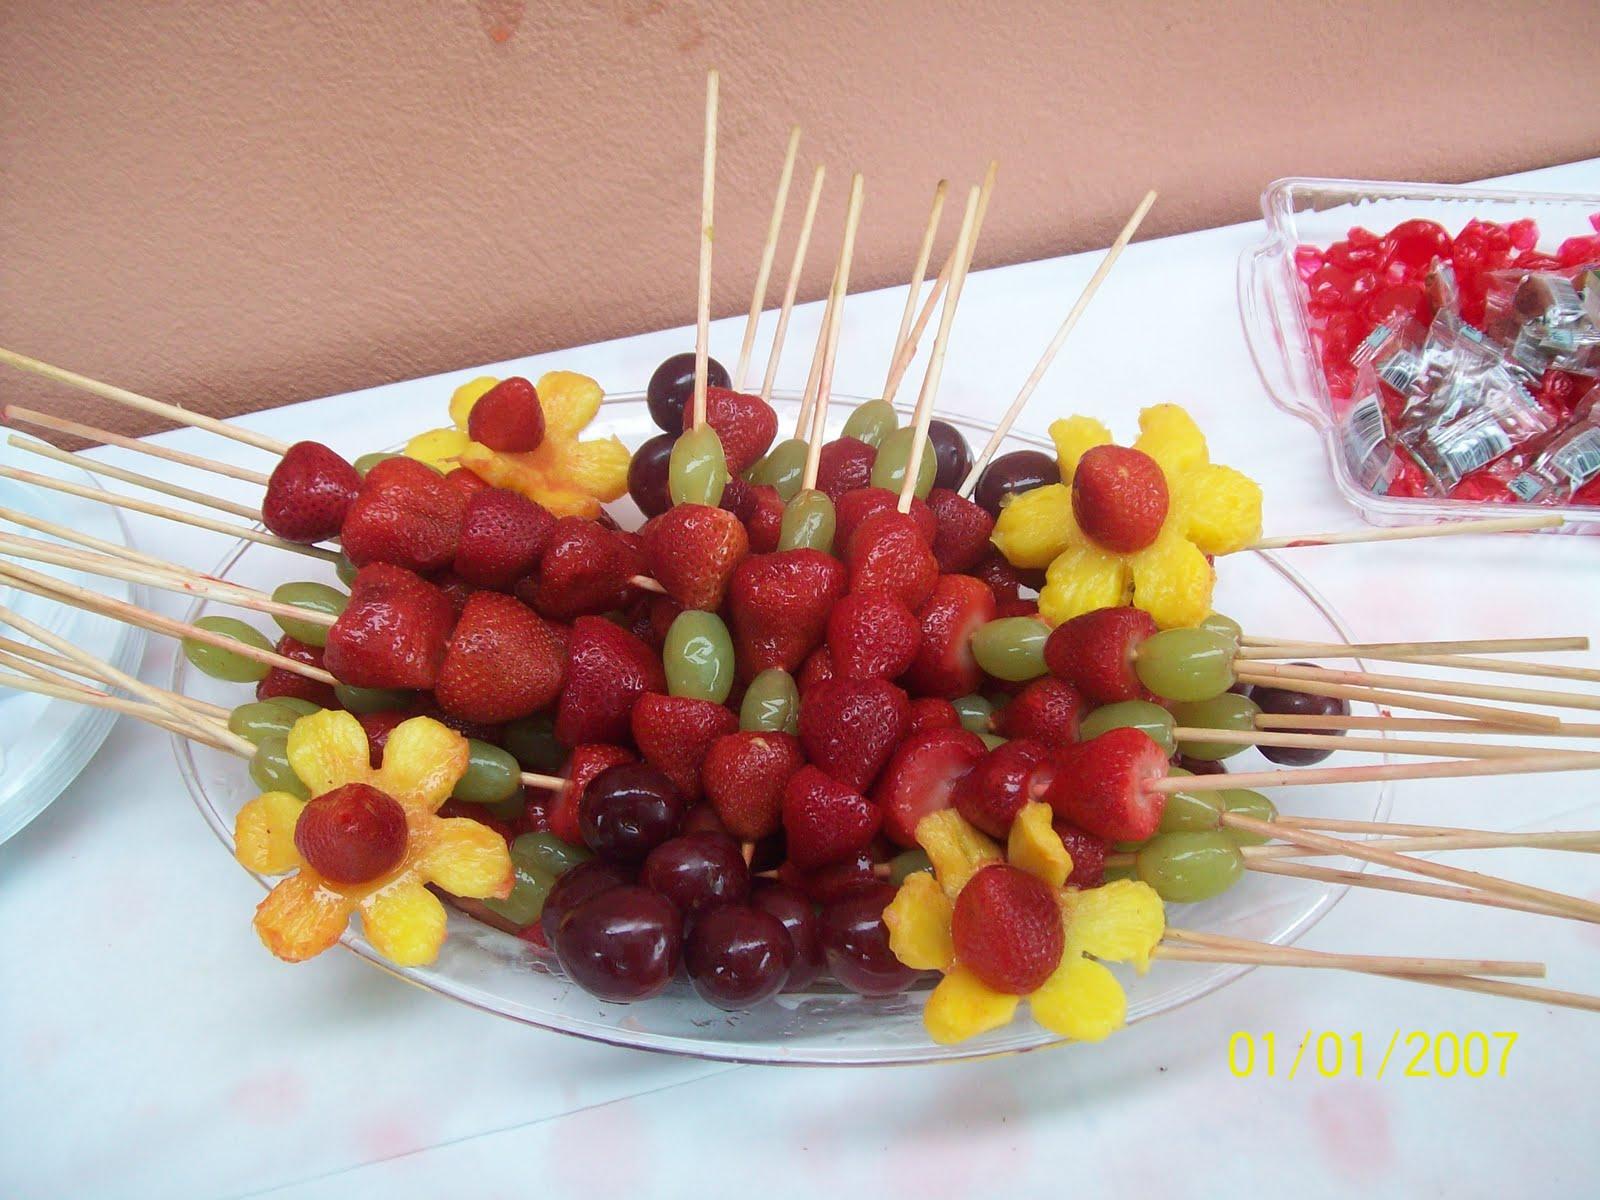 Arreglos con uvas for Centros de frutas